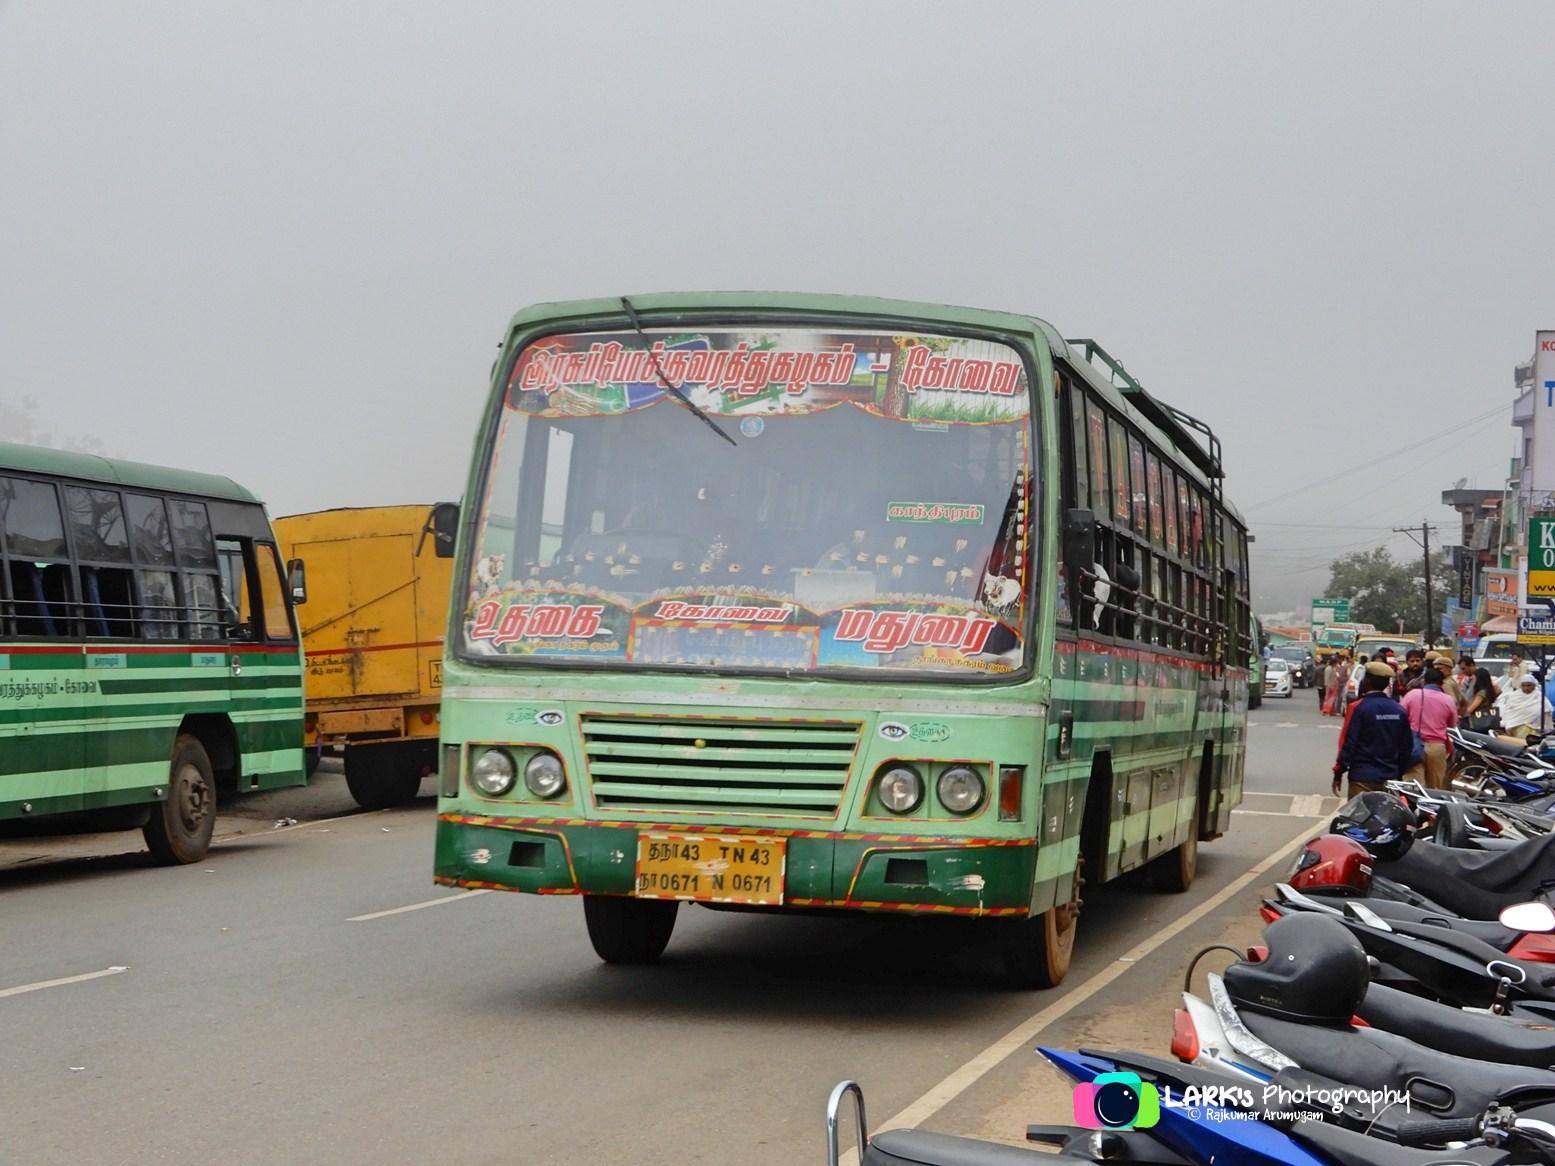 Ooty – Madurai [Vaigai Express] – [TN 43 N 0671]